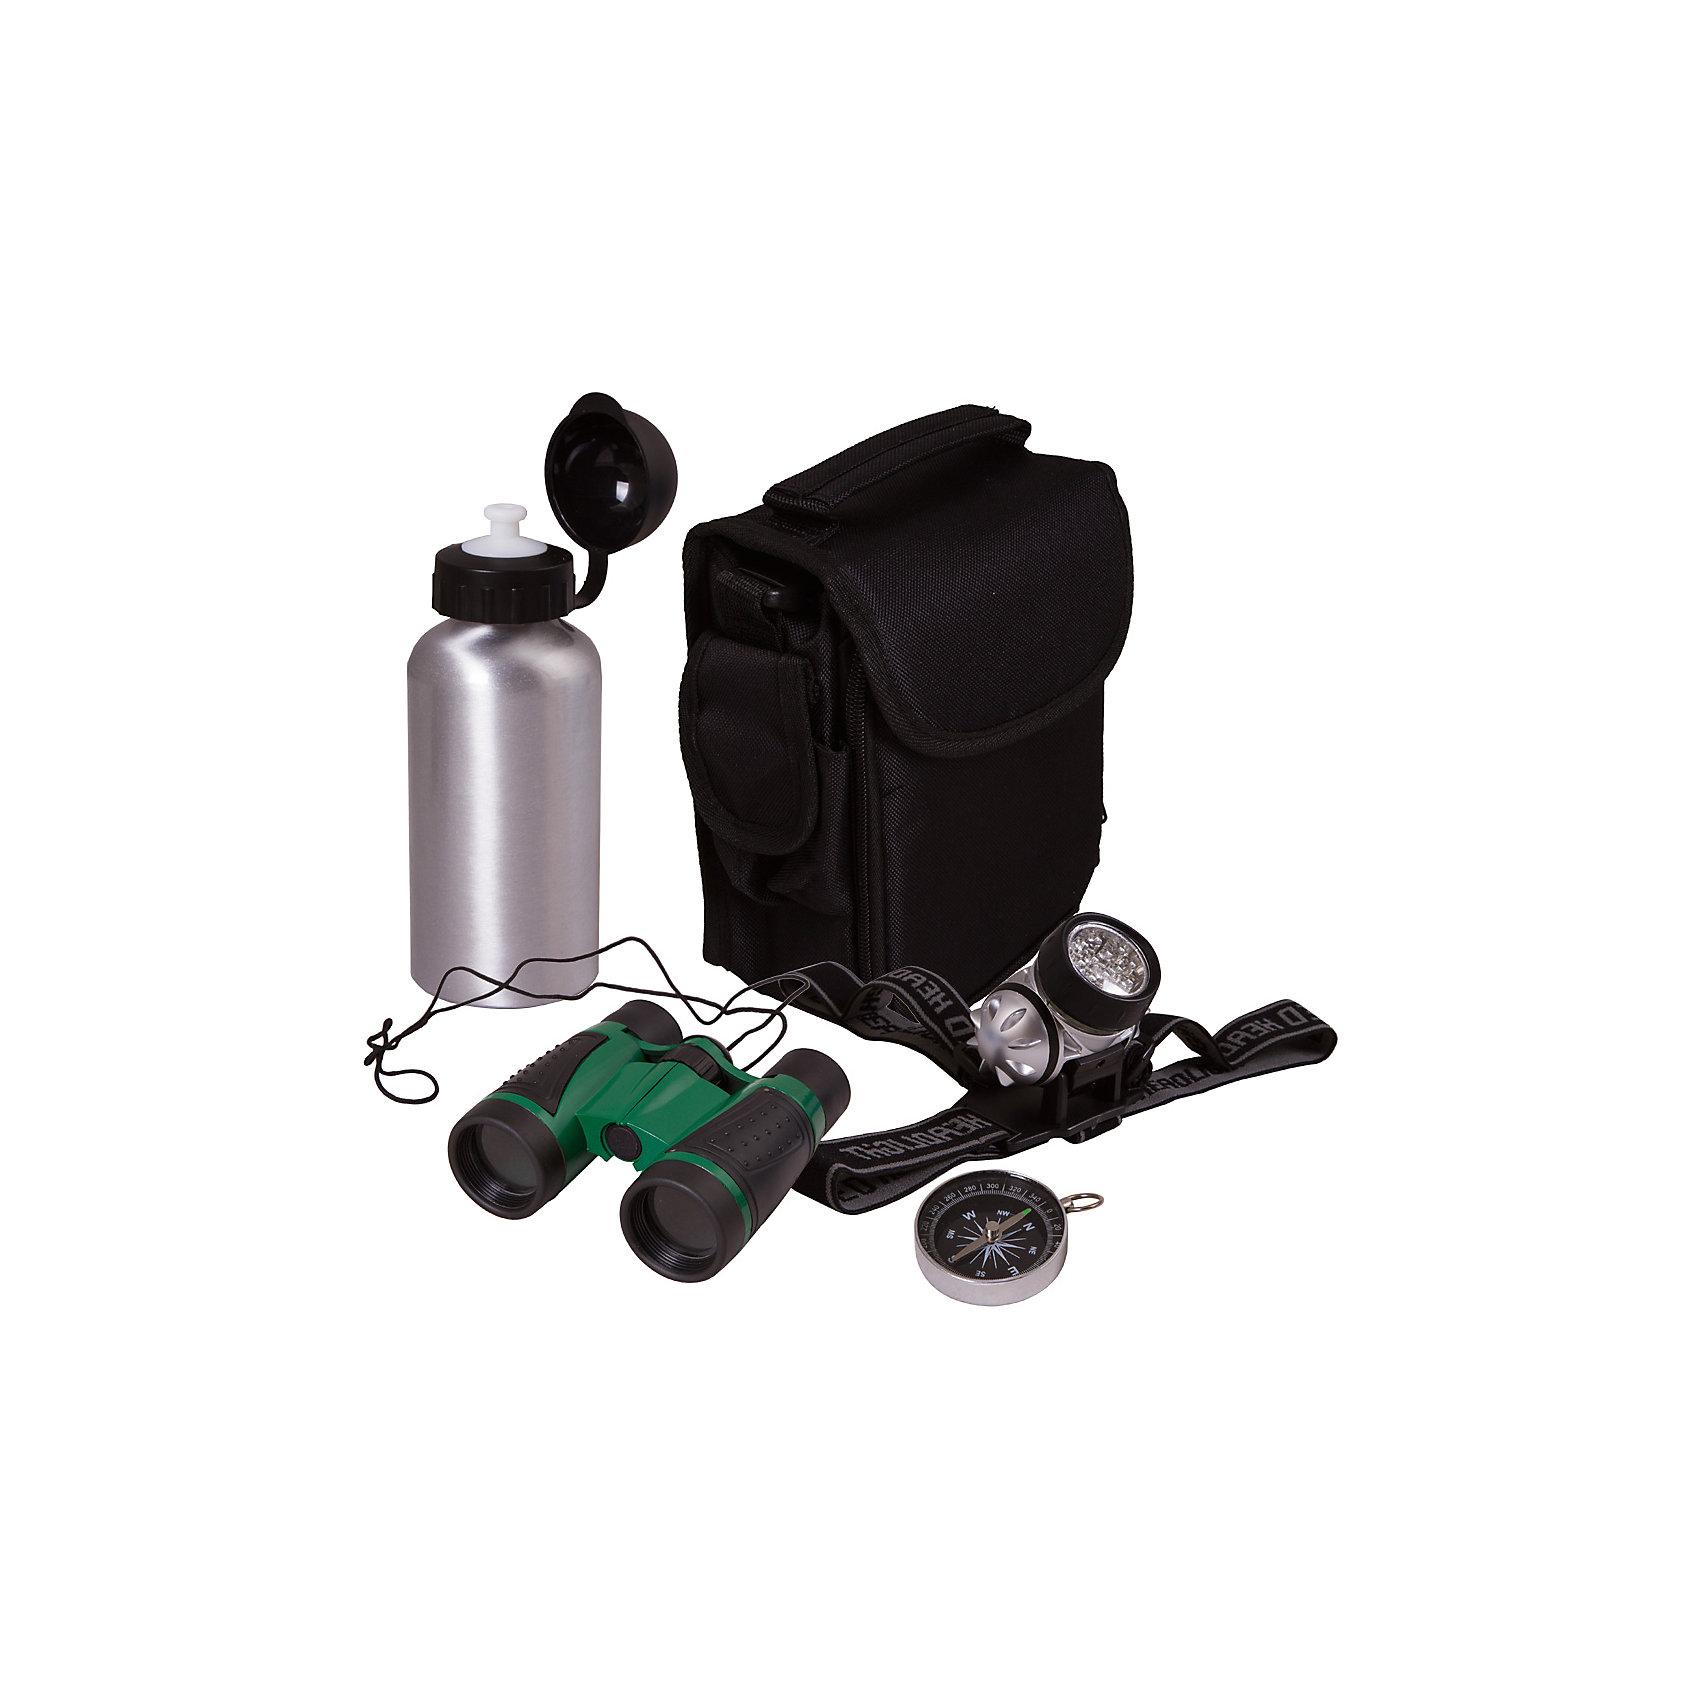 Набор исследователя Bresser Junior с биноклемЭксперименты и опыты<br>Характеристики товара:<br><br>• комплектация: бинокль 4x30, светодиодный налобный фонарь, мини-компас, алюминиевая бутылка для воды, нейлоновая сумка, инструкция<br>• бинокль с четырехкратным увеличением и центральной фокусировкой<br>• бутылка для воды на 400 мл<br>• сумка с множеством отделений<br>• компас на шнурке<br>• страна бренда: Германия<br><br>В этом наборе есть всё необходимое, чтобы отправиться в путешествие или исследование! Собственный набор из таких предметов - это отличный способ заинтересовать ребенка туризмом или наукой и привить ему интерес к учебе. Этот комплект был разработана специально для детей - он позволяет не потеряться на природе и иметь при себе всё необходимое. Благодаря стильному дизайну он впечатляюще смотрится!<br><br>Оптические приборы от немецкой компании Bresser уже успели зарекомендовать себя как качественная и надежная продукция. Для их производства используются только безопасные и проверенные материалы. Такой прибор способен прослужить долго. Подарите ребенку интересную и полезную вещь!<br><br>Набор исследователя Bresser Junior с биноклем от известного бренда Bresser (Брессер) можно купить в нашем интернет-магазине.<br><br>Ширина мм: 215<br>Глубина мм: 210<br>Высота мм: 85<br>Вес г: 610<br>Возраст от месяцев: 60<br>Возраст до месяцев: 2147483647<br>Пол: Унисекс<br>Возраст: Детский<br>SKU: 5435318